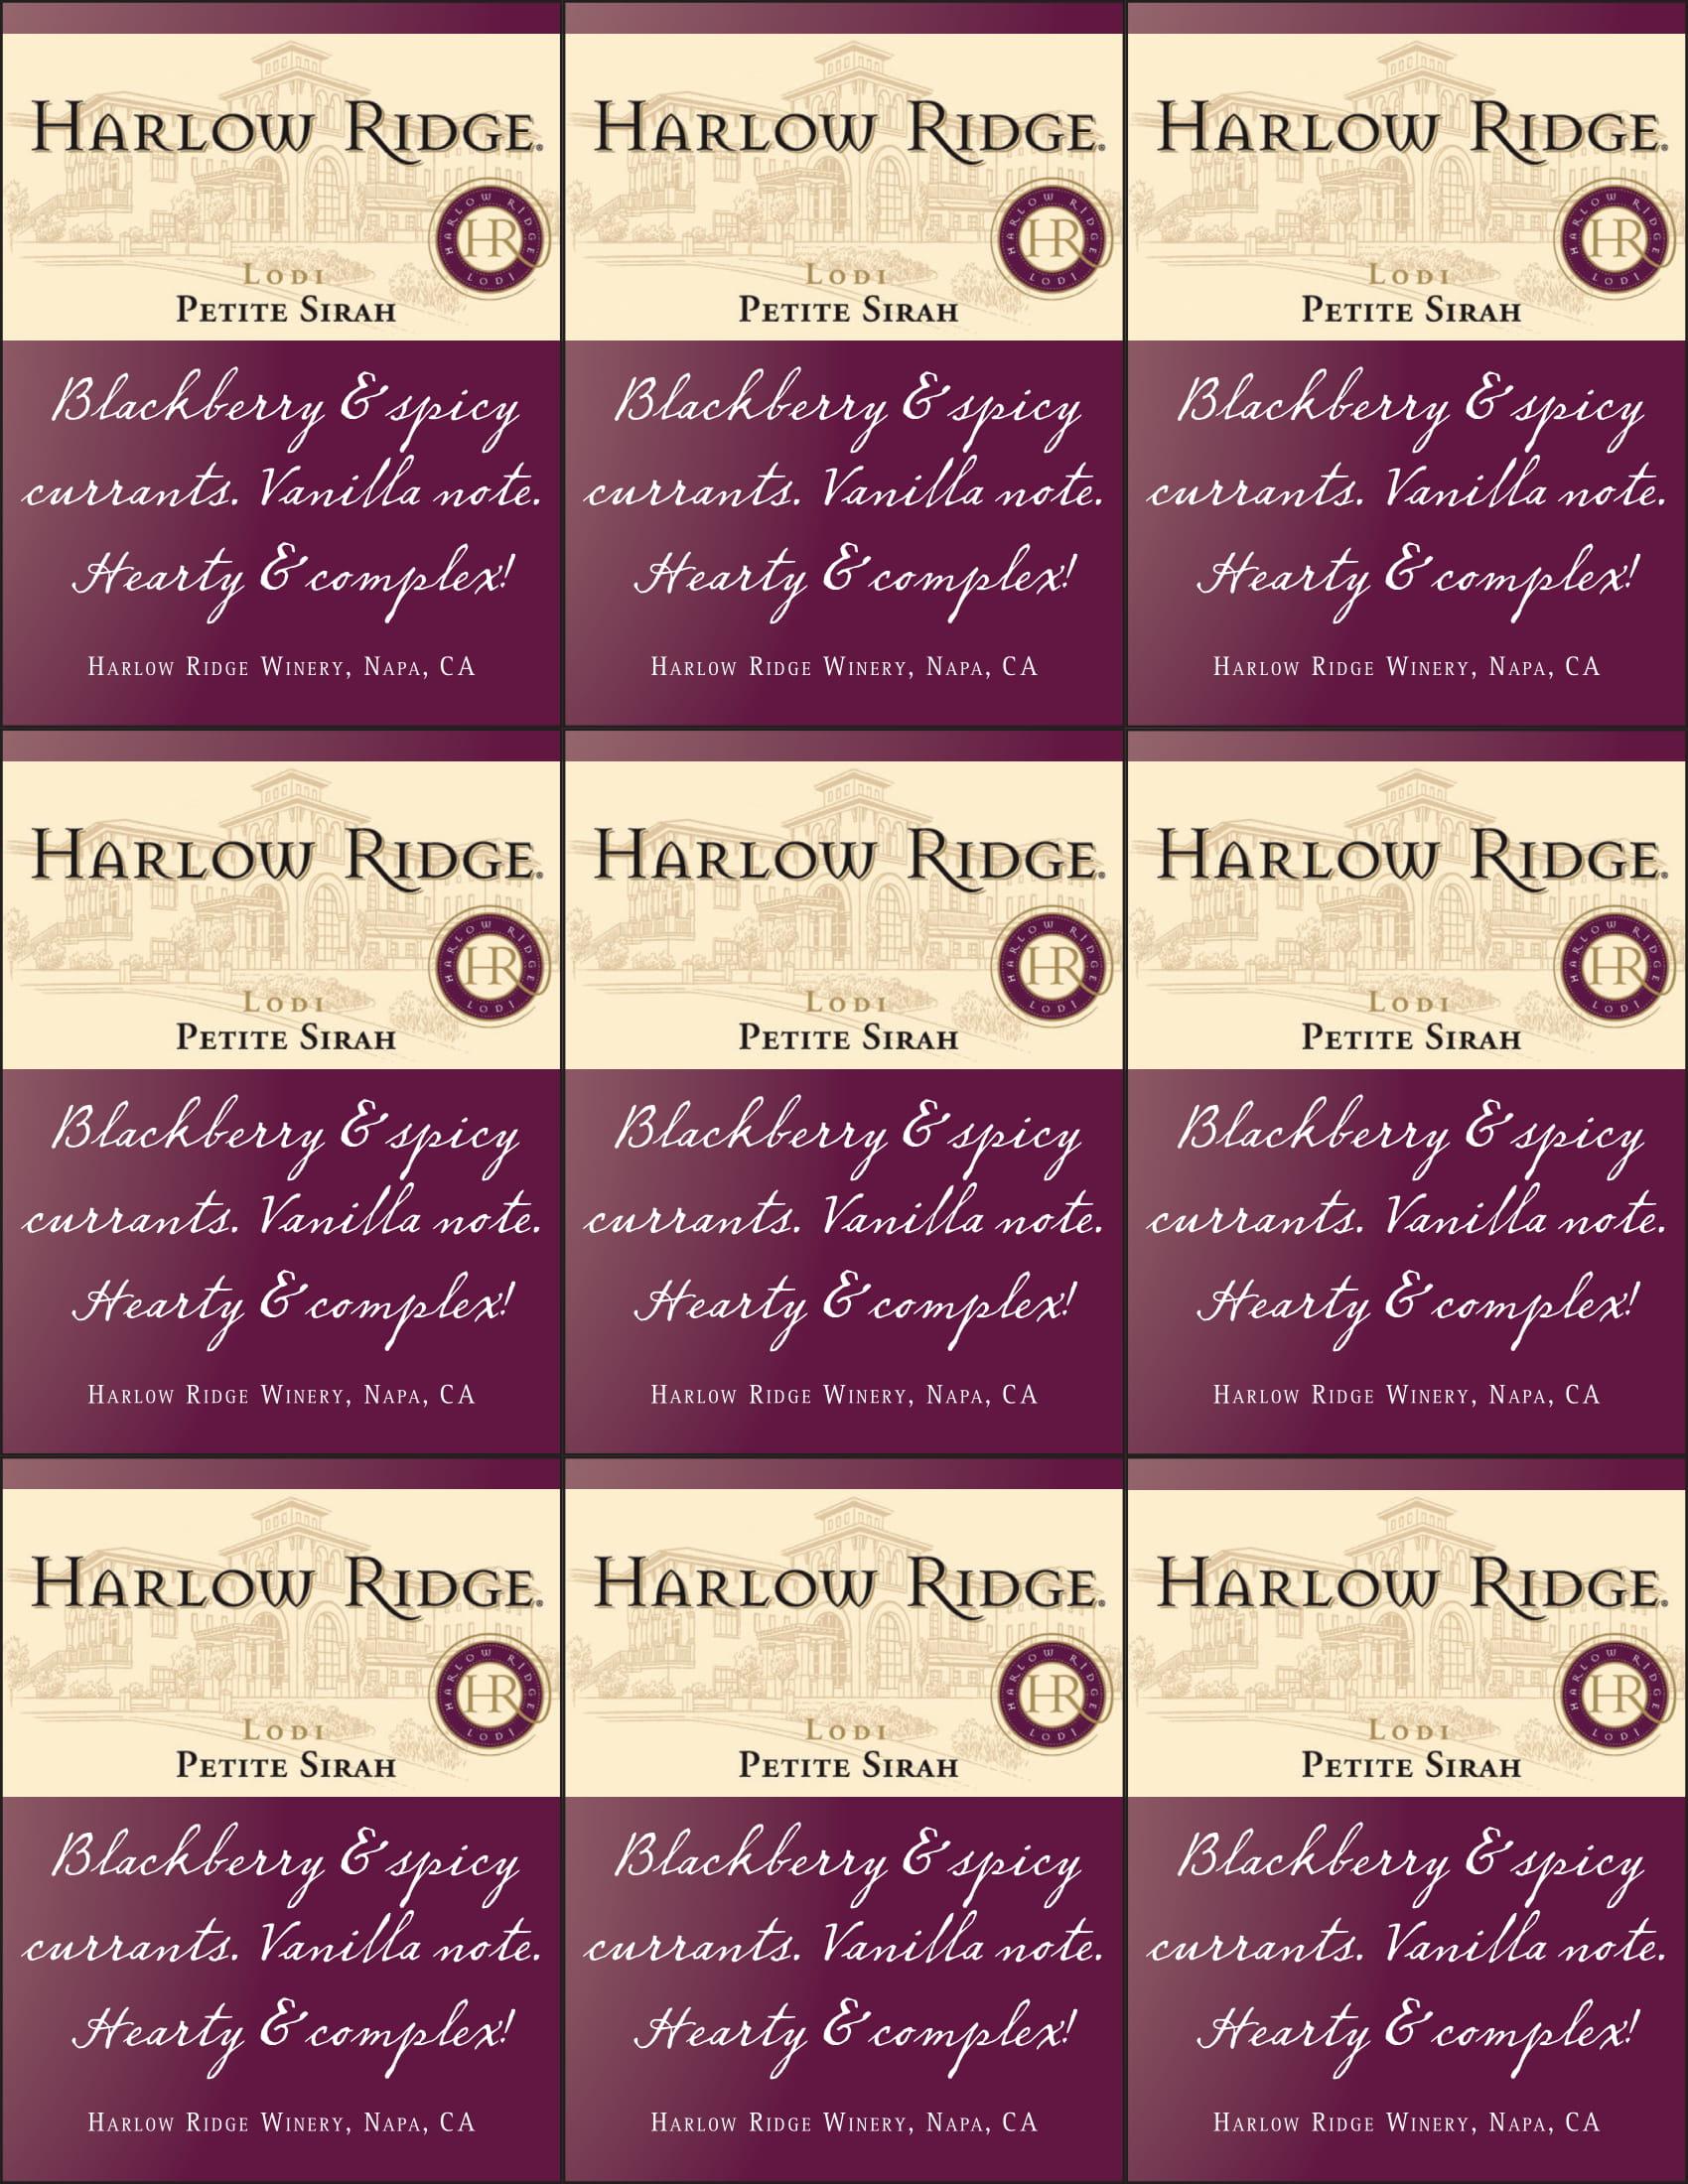 Harlow Ridge Petite Sirah Shelf Talker